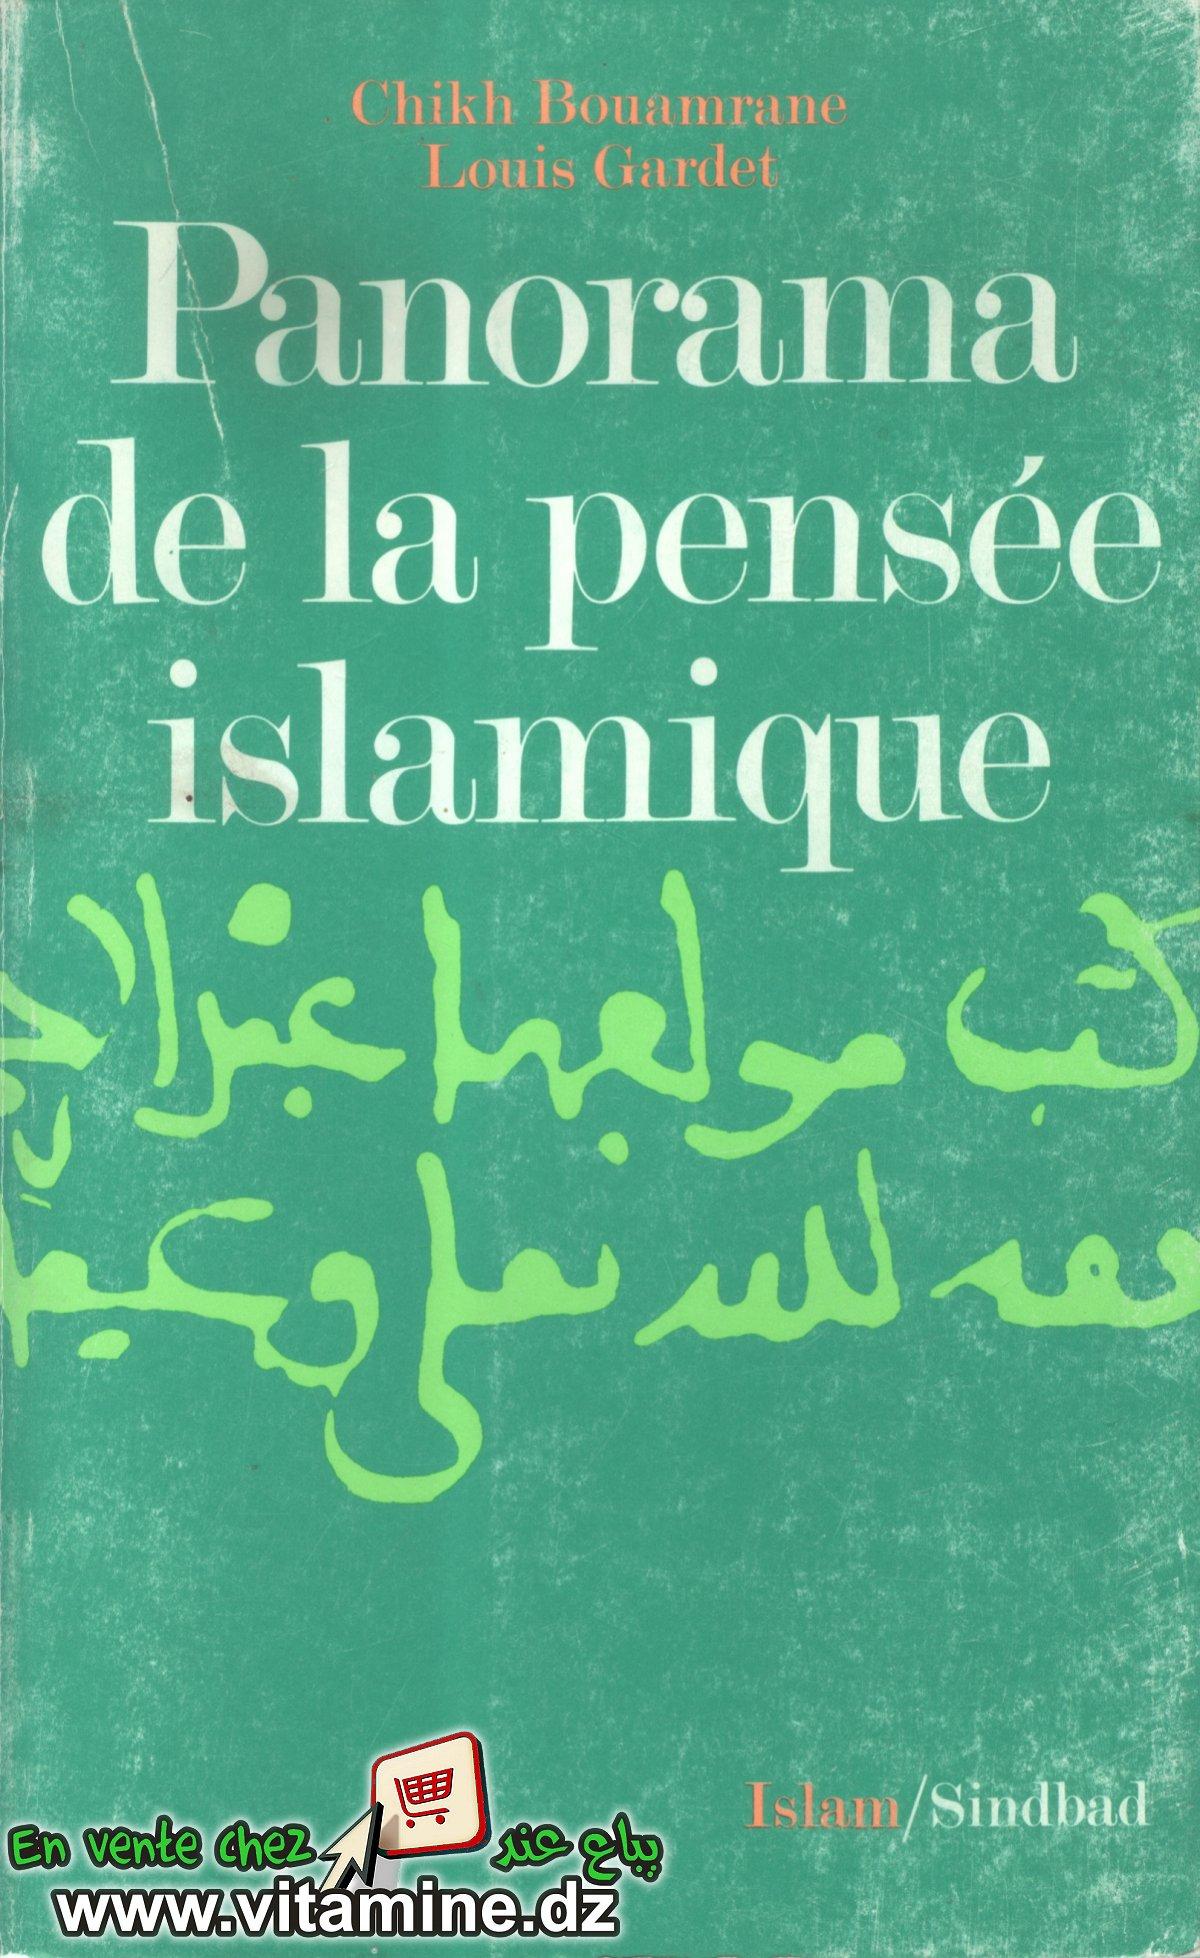 Cheikh Bouamrane et Louis Ggardet - panorama de la pensée islamique